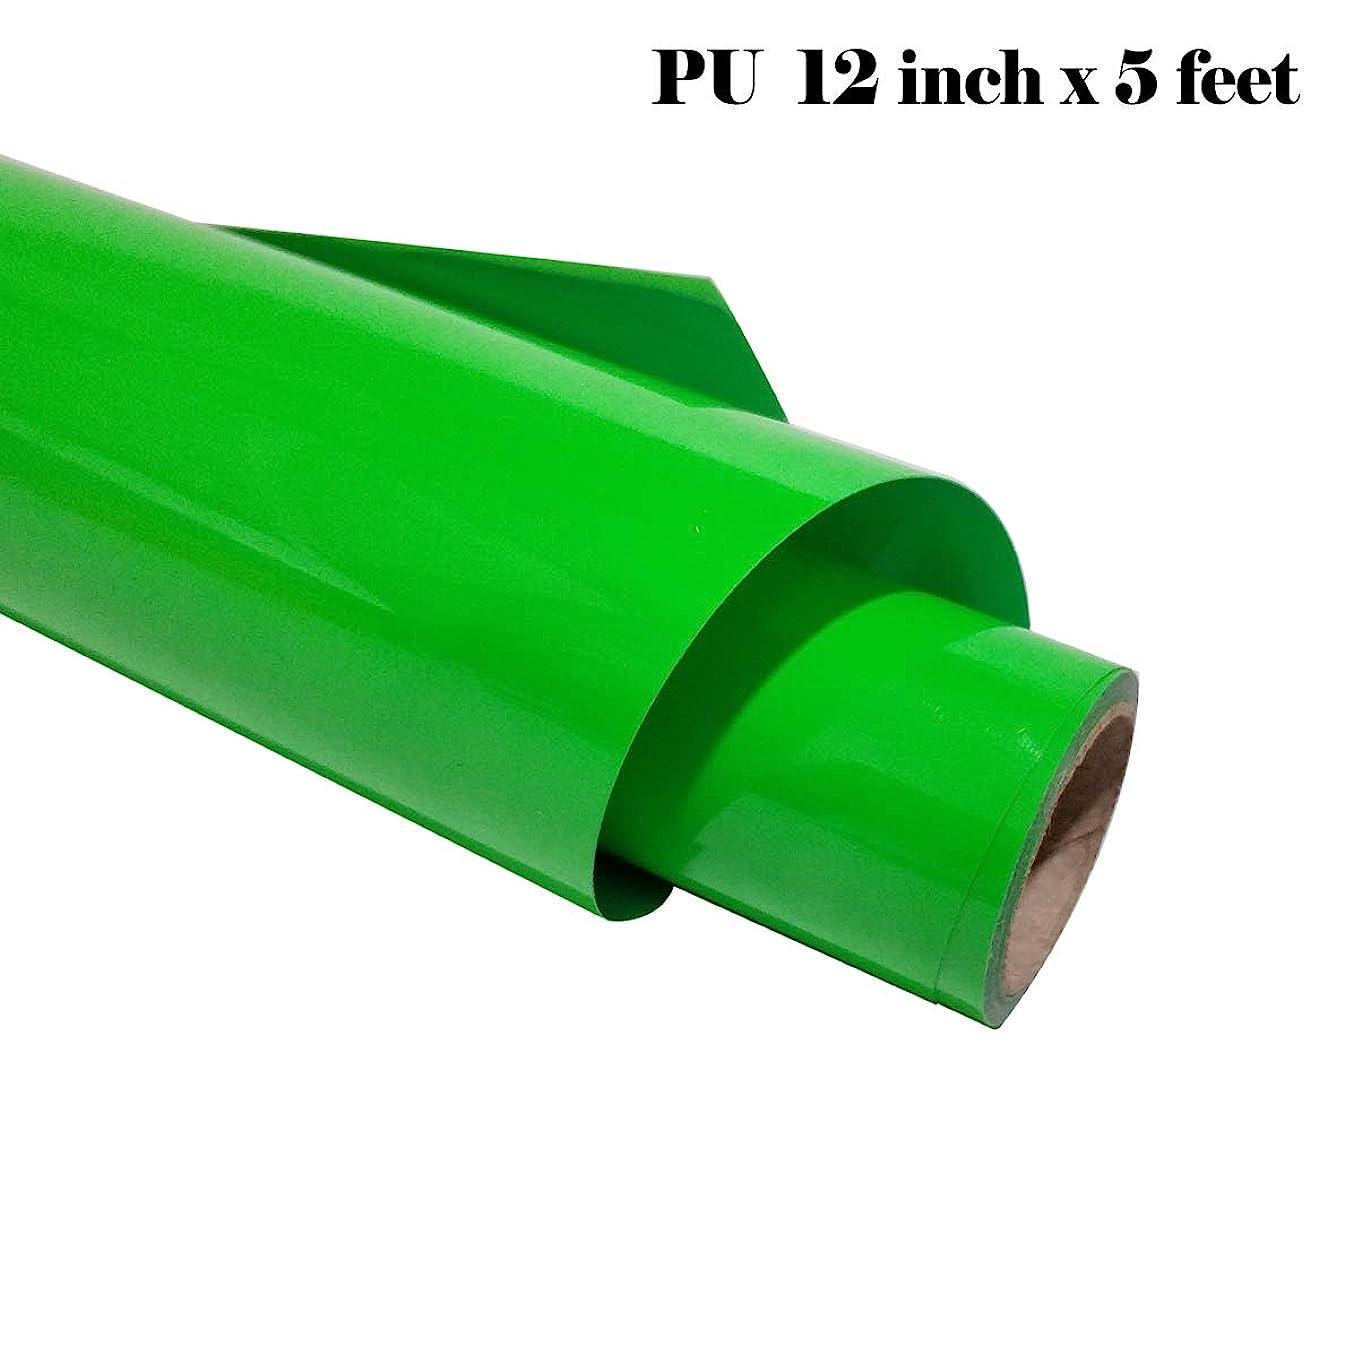 guangyintong Fluorescent HTV Roll 11.8